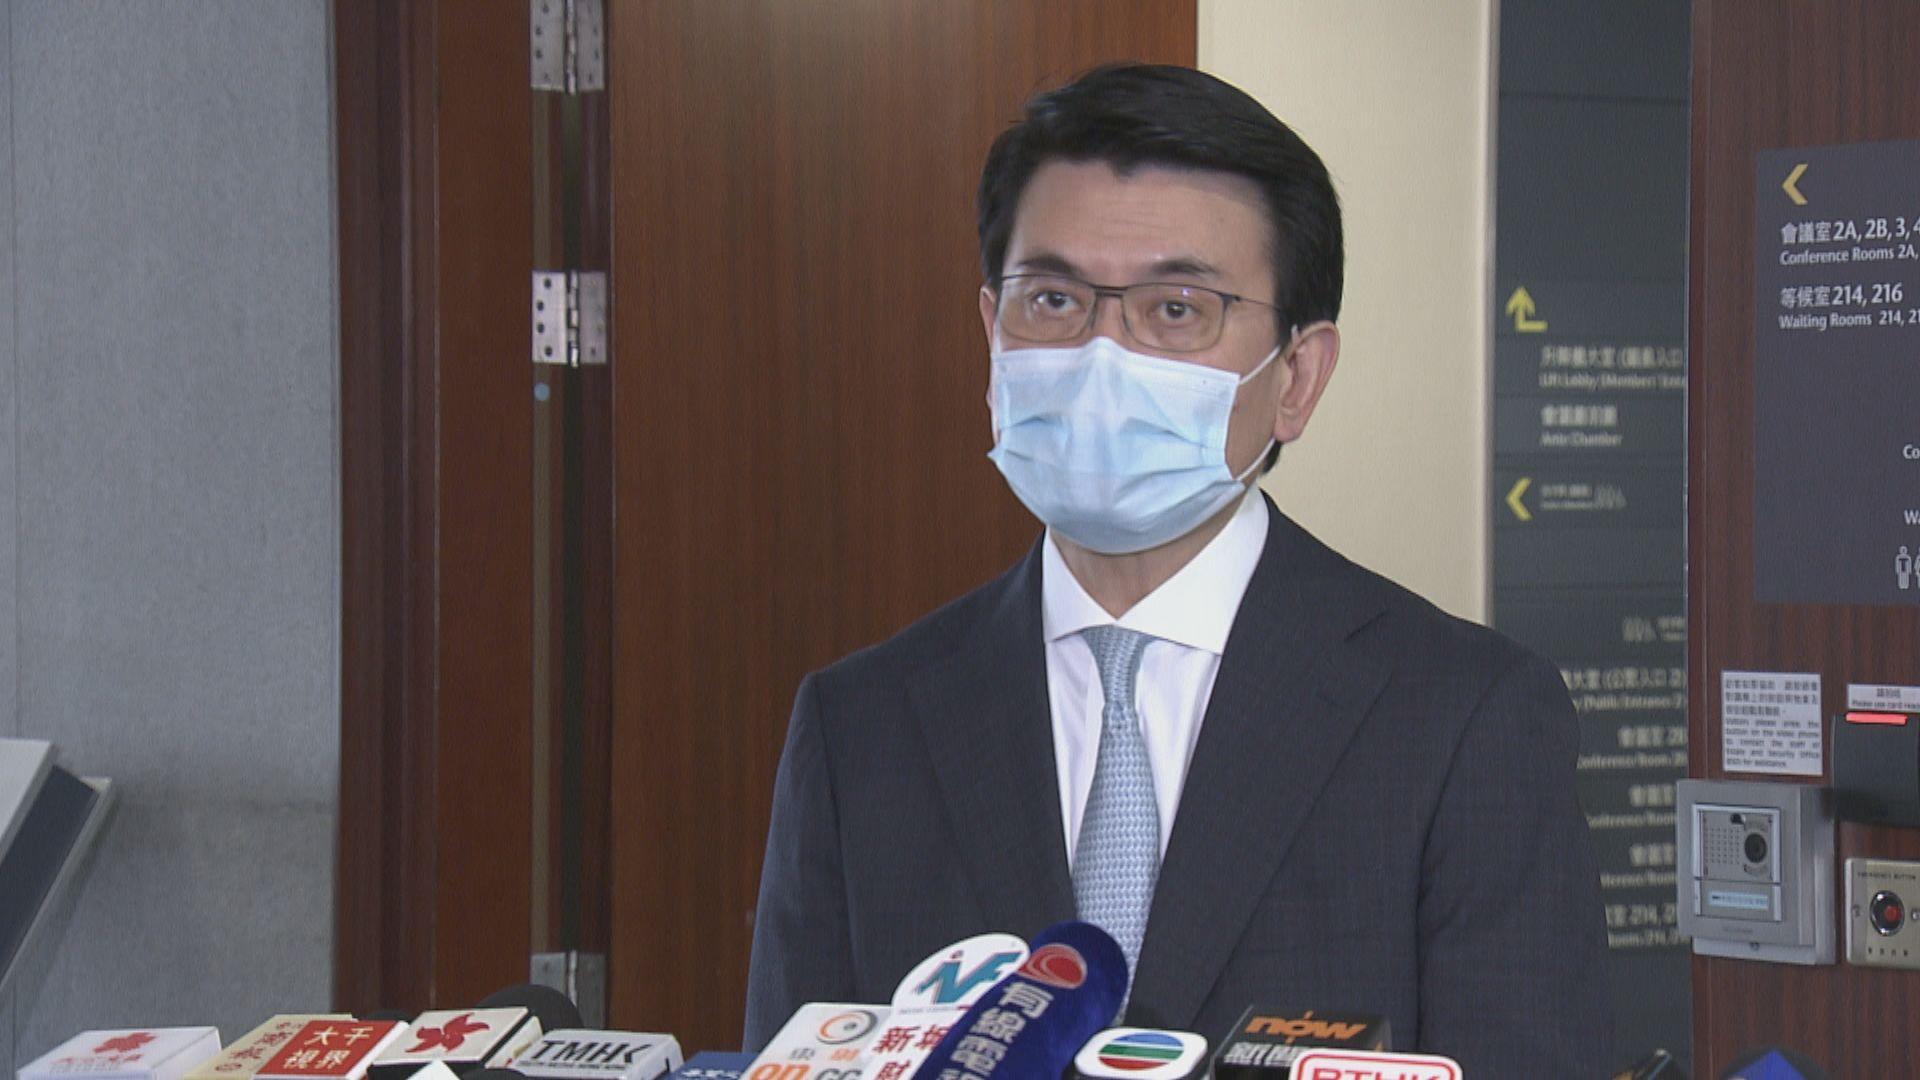 邱騰華:透過防疫抗疫基金支援旅行社